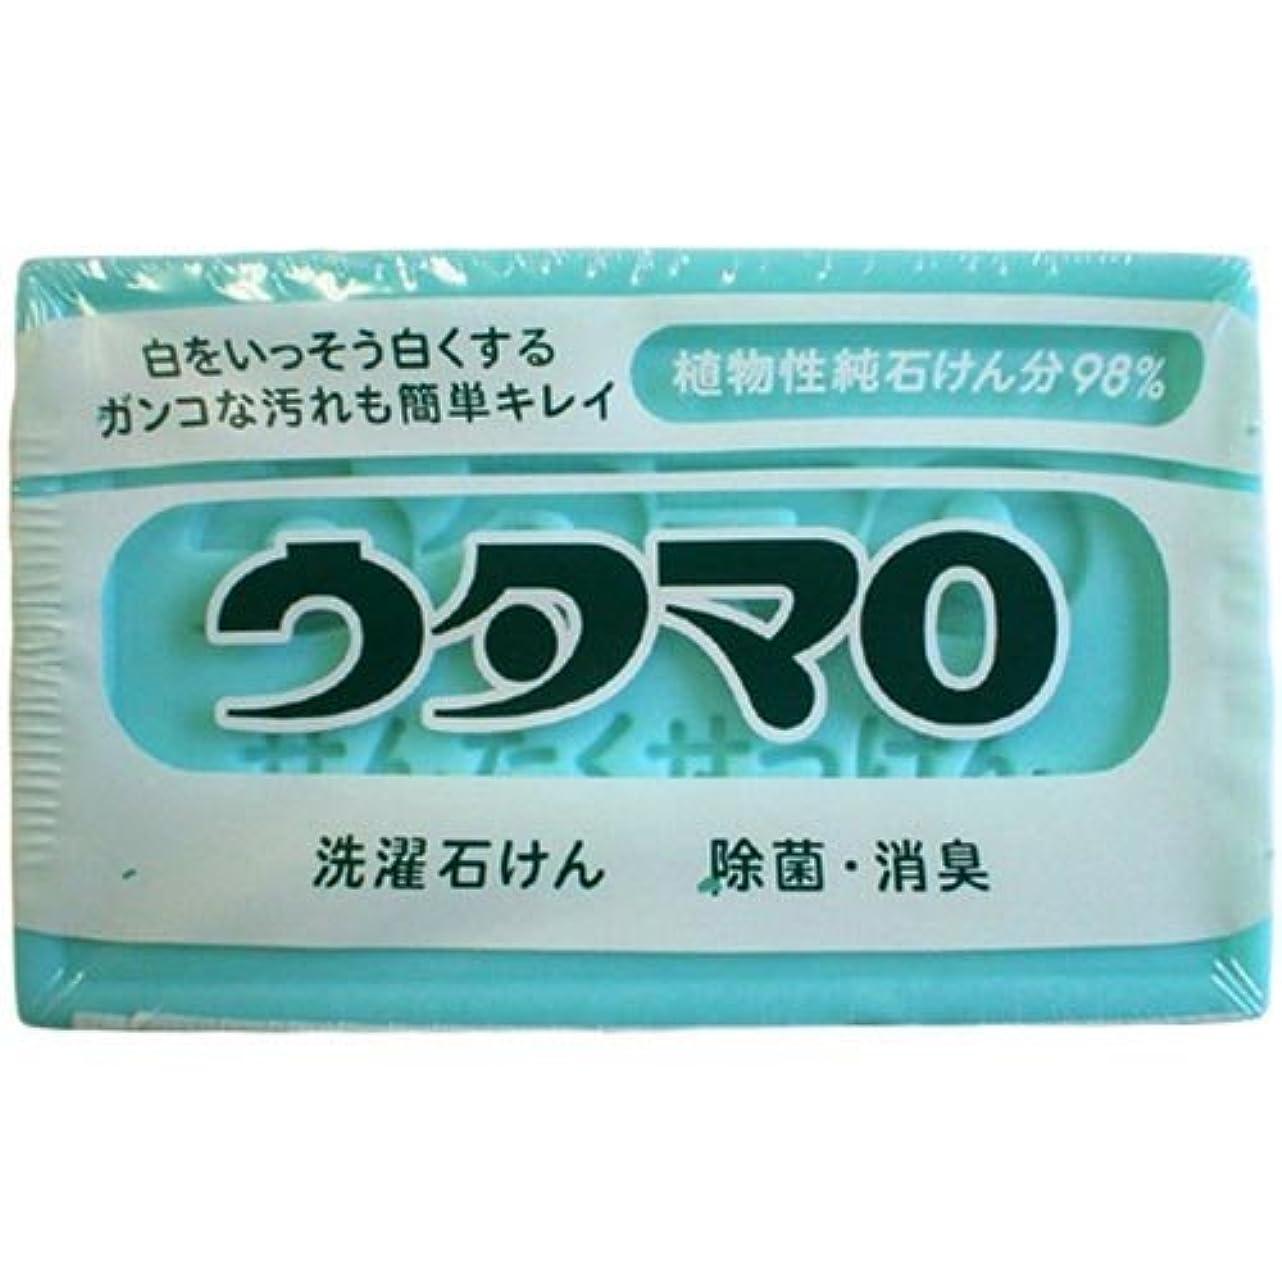 早熟に負ける亜熱帯東邦 ウタマロ マホー石鹸 3個セット TO-SE3